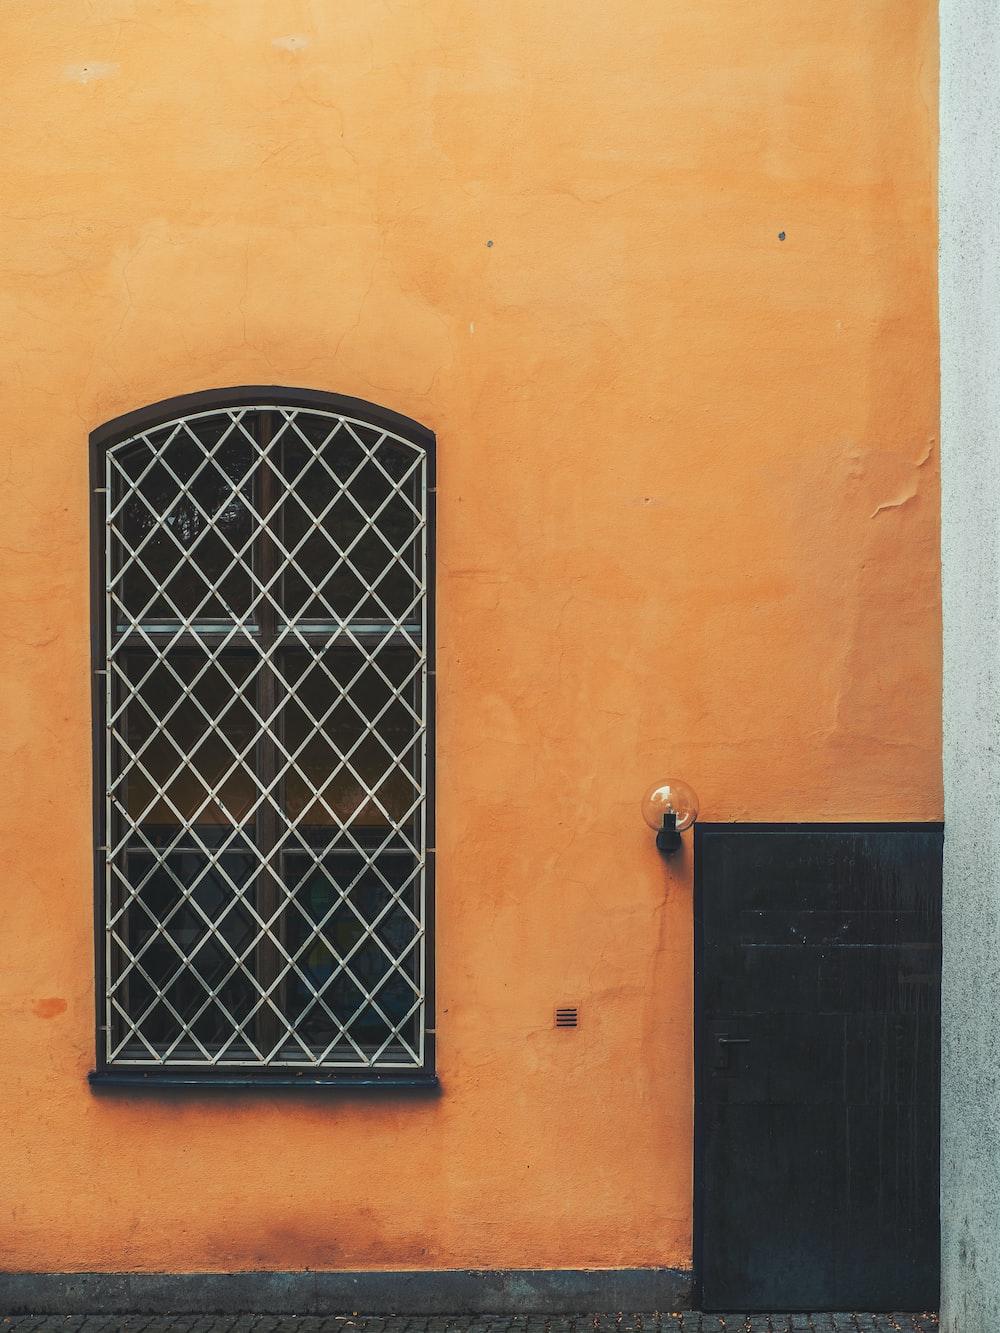 closed black door and window